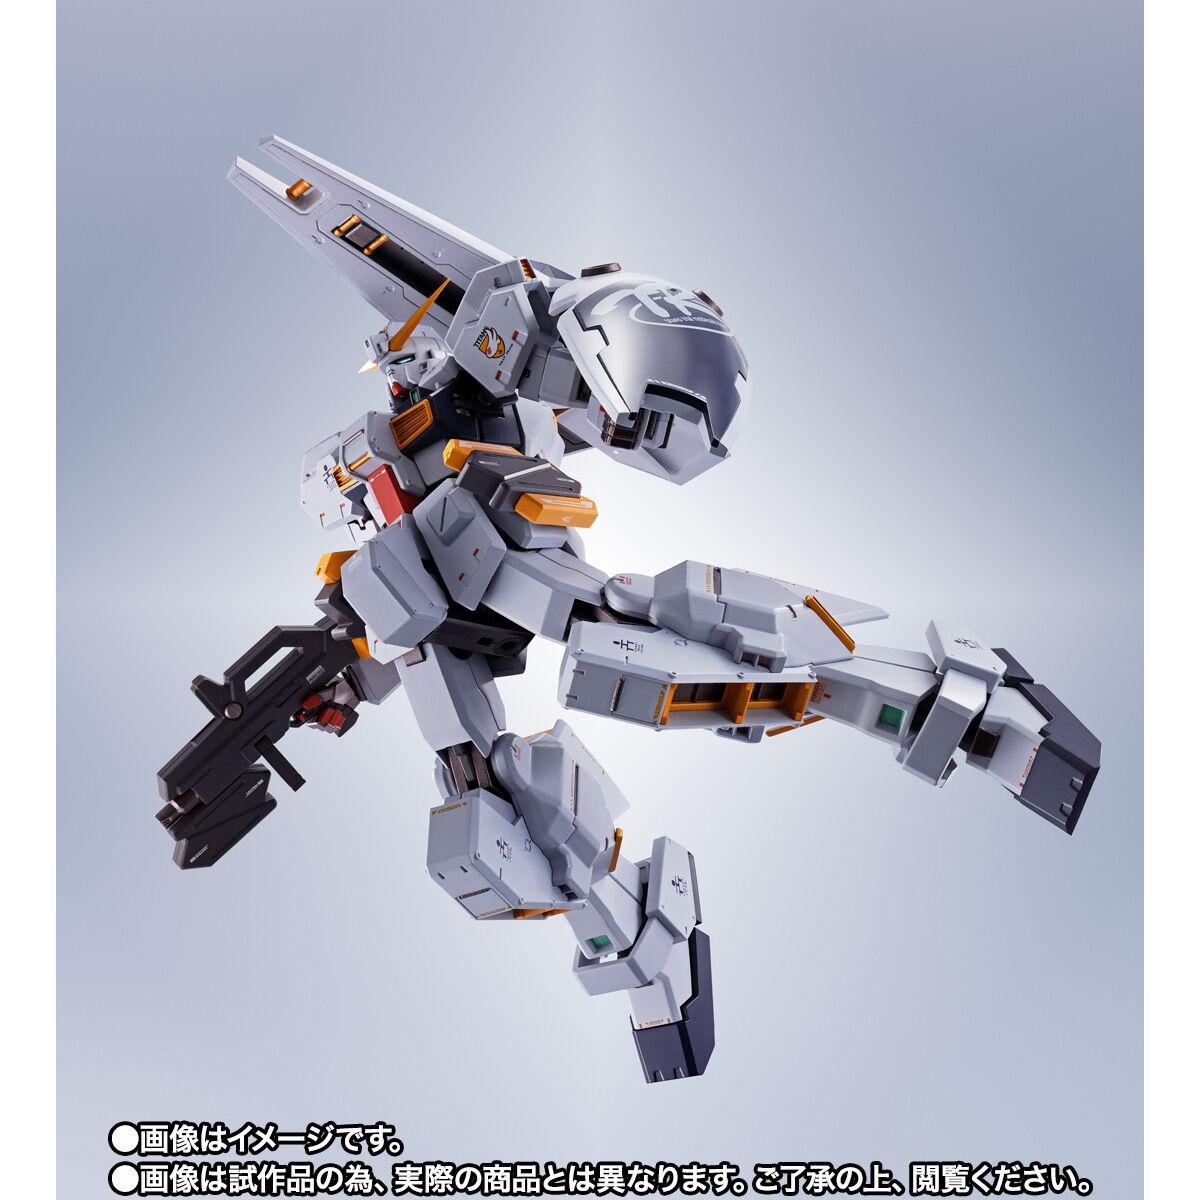 【限定販売】METAL ROBOT魂〈SIDE MS〉『ガンダムTR-1[ヘイズル改]&オプションパーツセット』ADVANCE OF Ζ ティターンズの旗のもとに 可動フィギュア-004